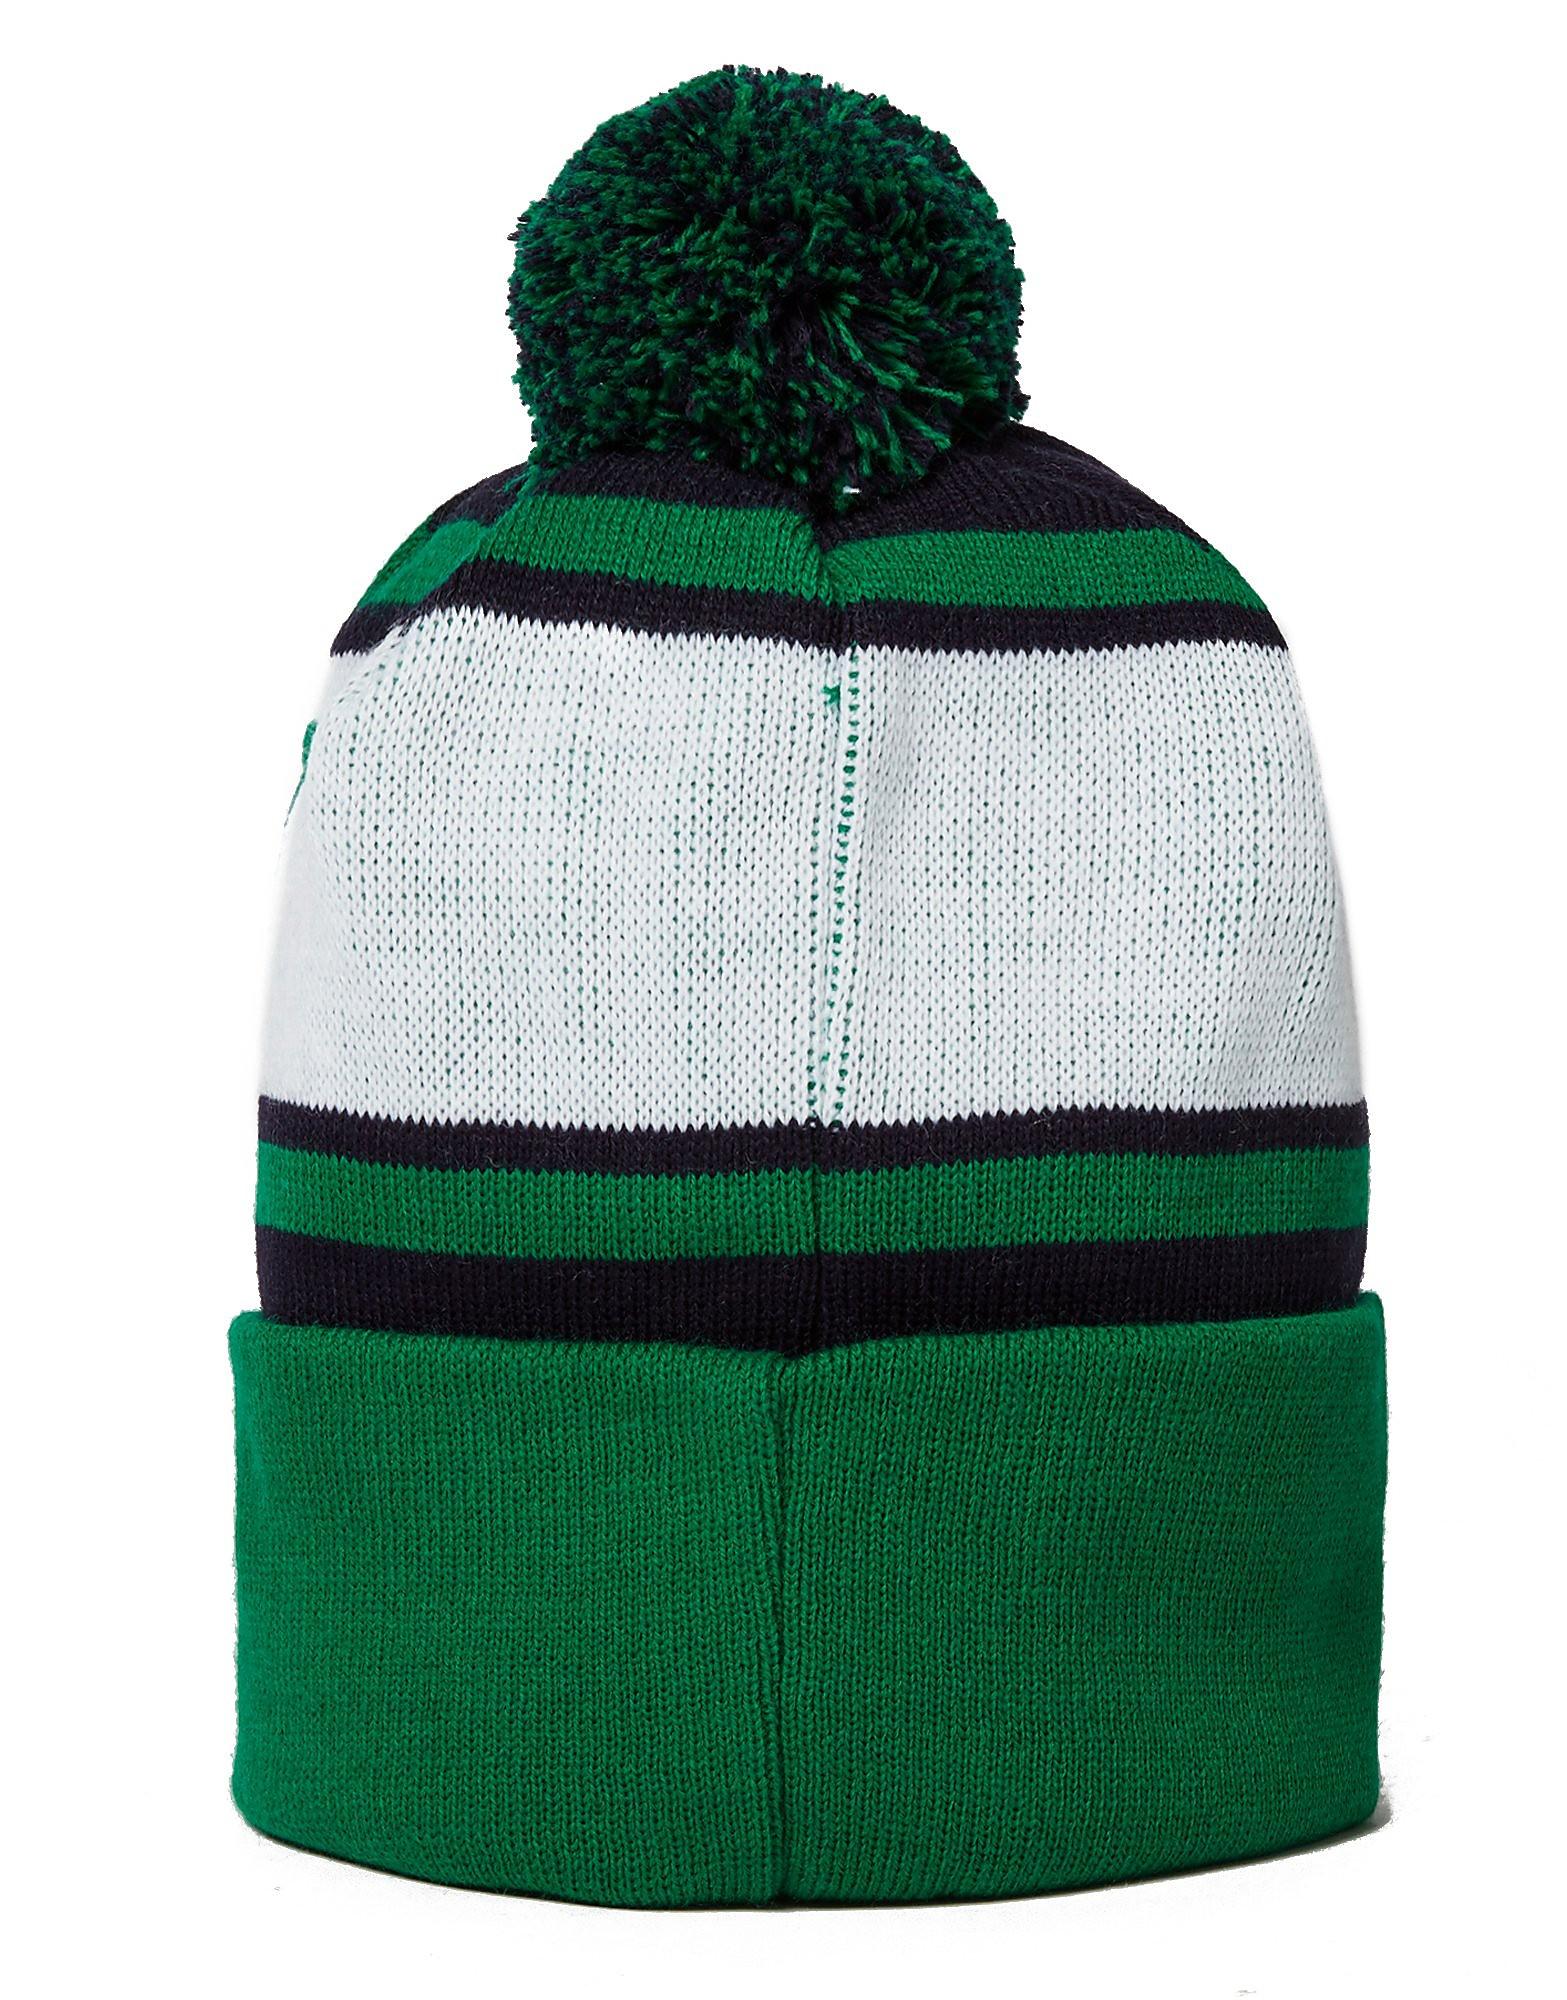 Official Team Ireland Beanie Hat